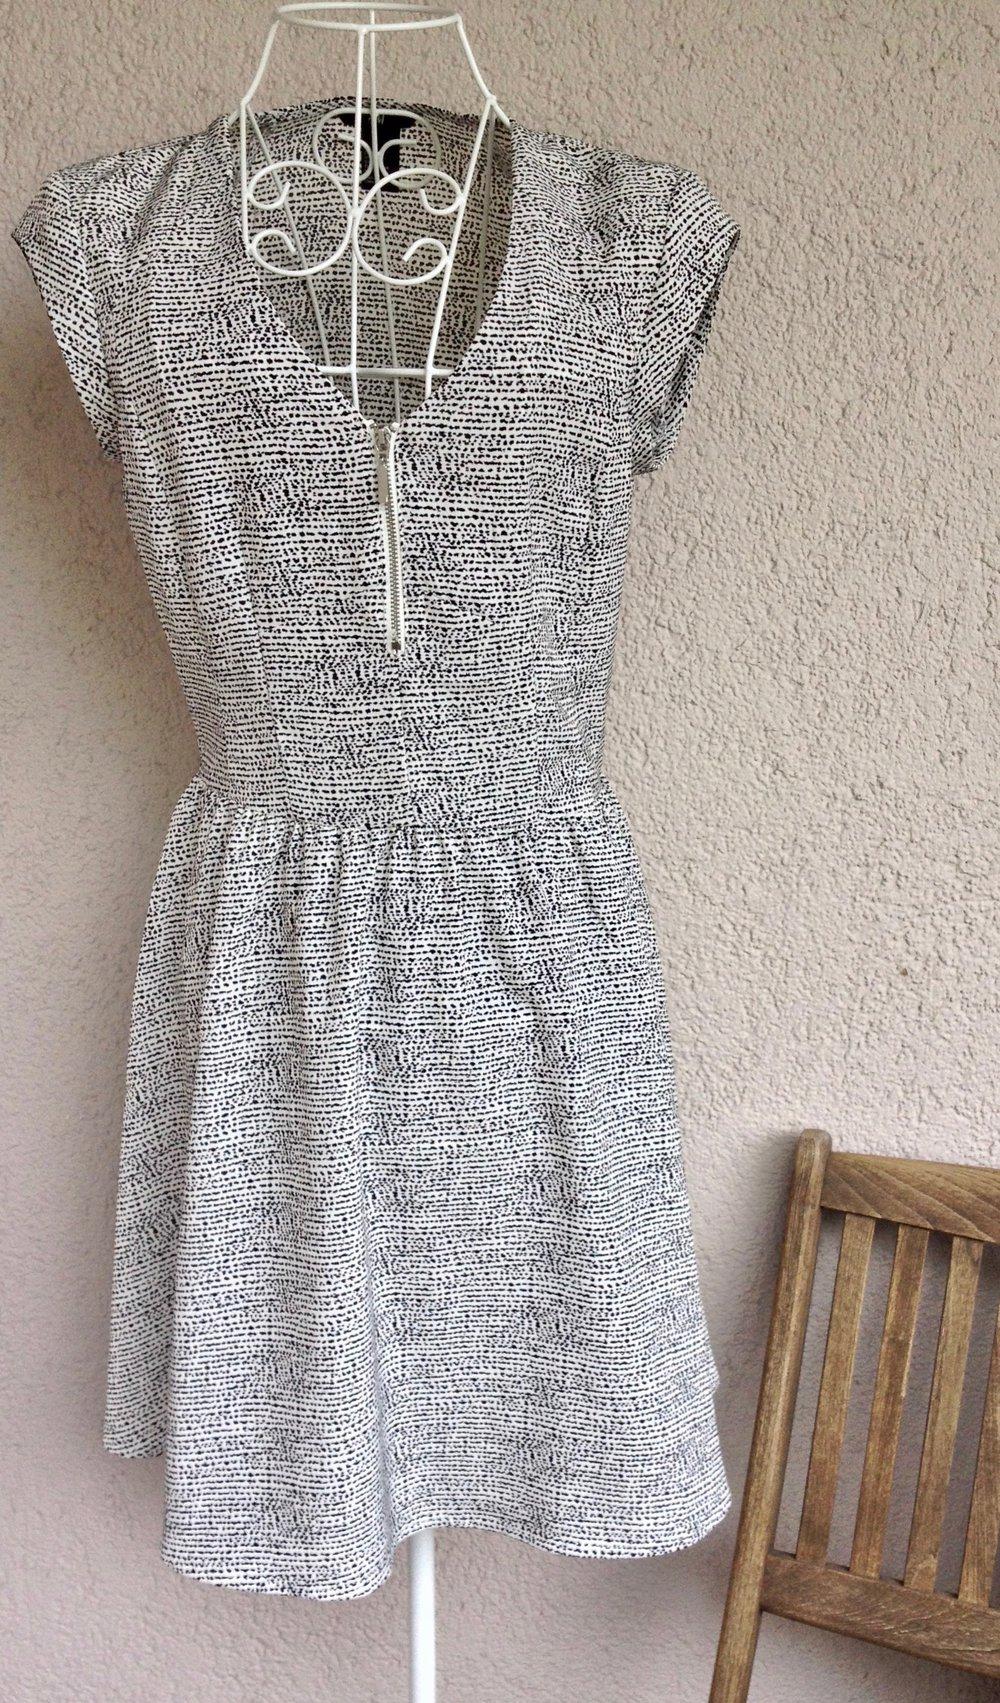 Schones Kleid Mit Muster Und Reissverschluss Von H M Kleiderkorb De